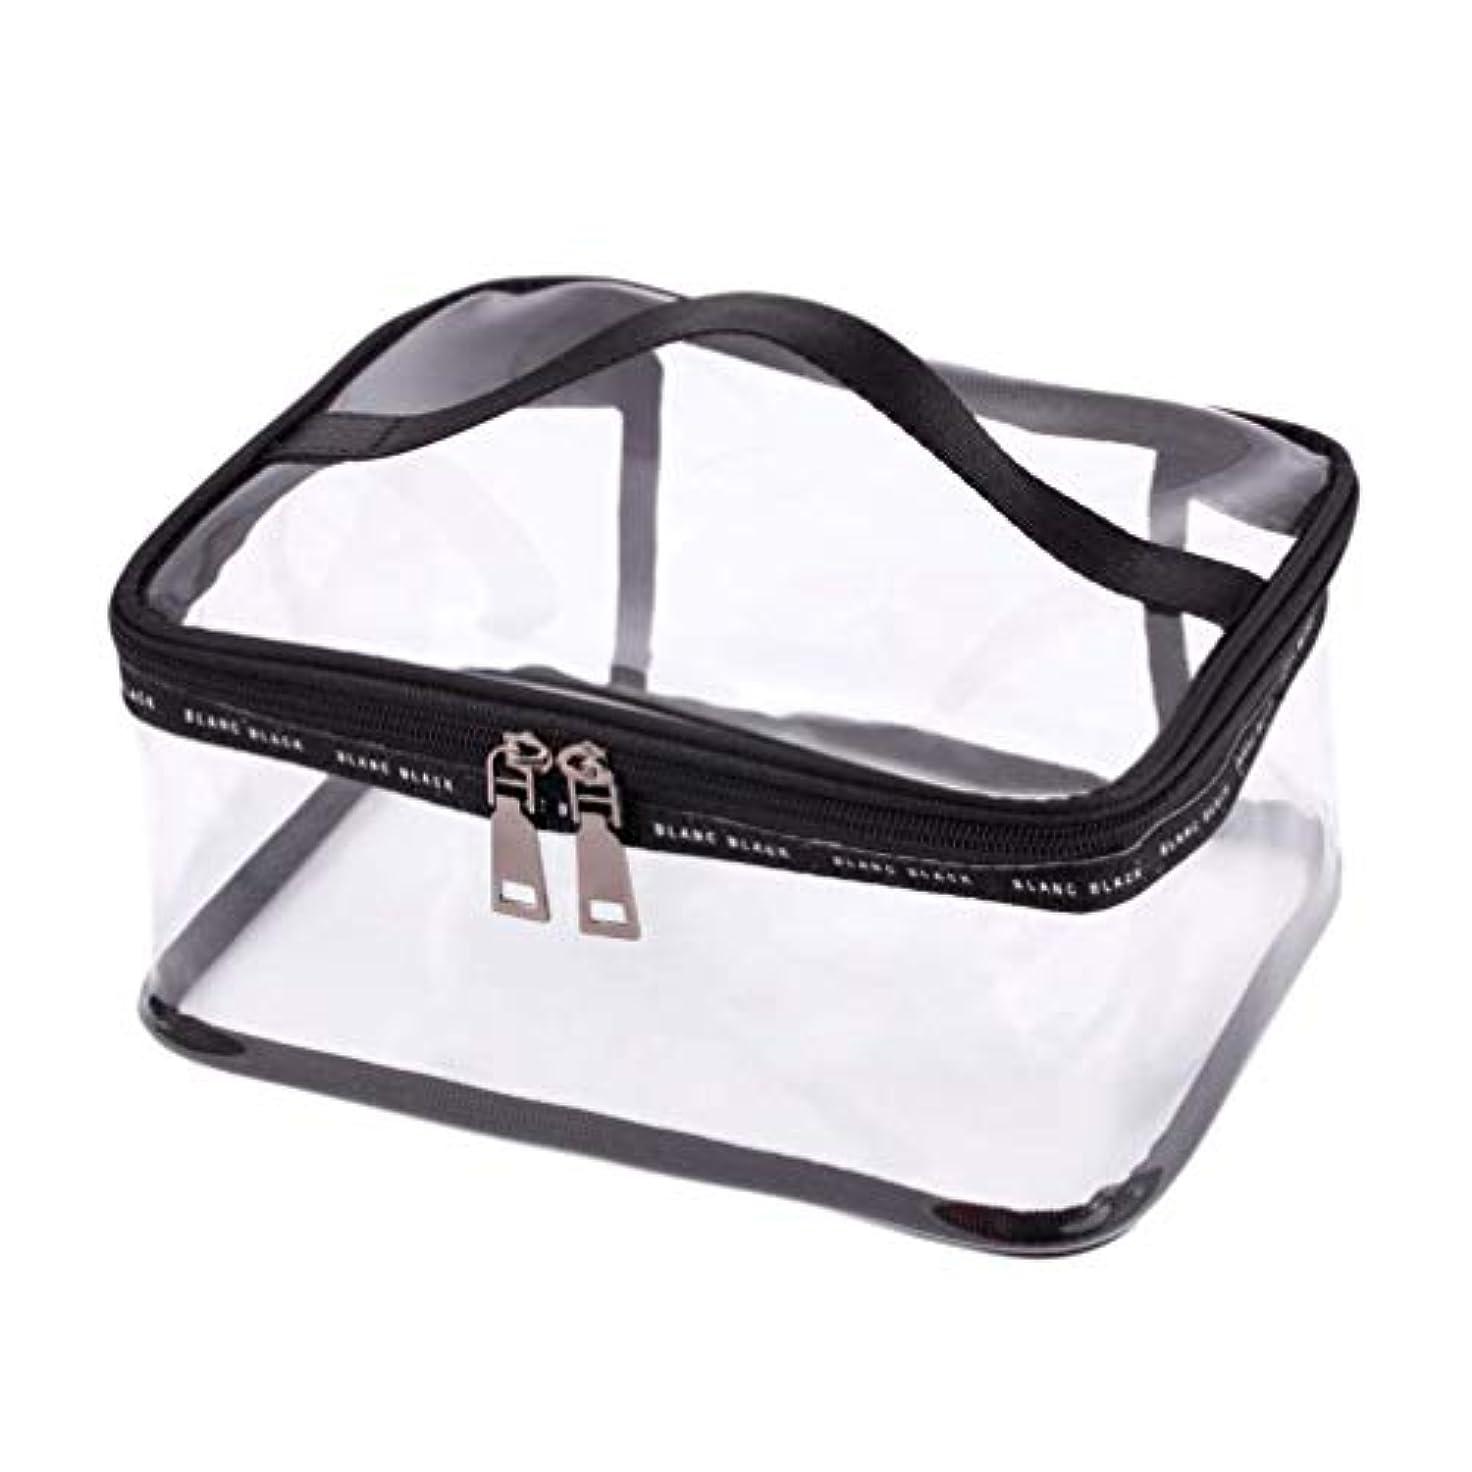 マリン考える肝RETYLY ポータブルクリア化粧バッグジッパー防水透明旅行収納ポーチ化粧品トイレタリーバッグ、ハンドル付き(2個入り)ブラック-M